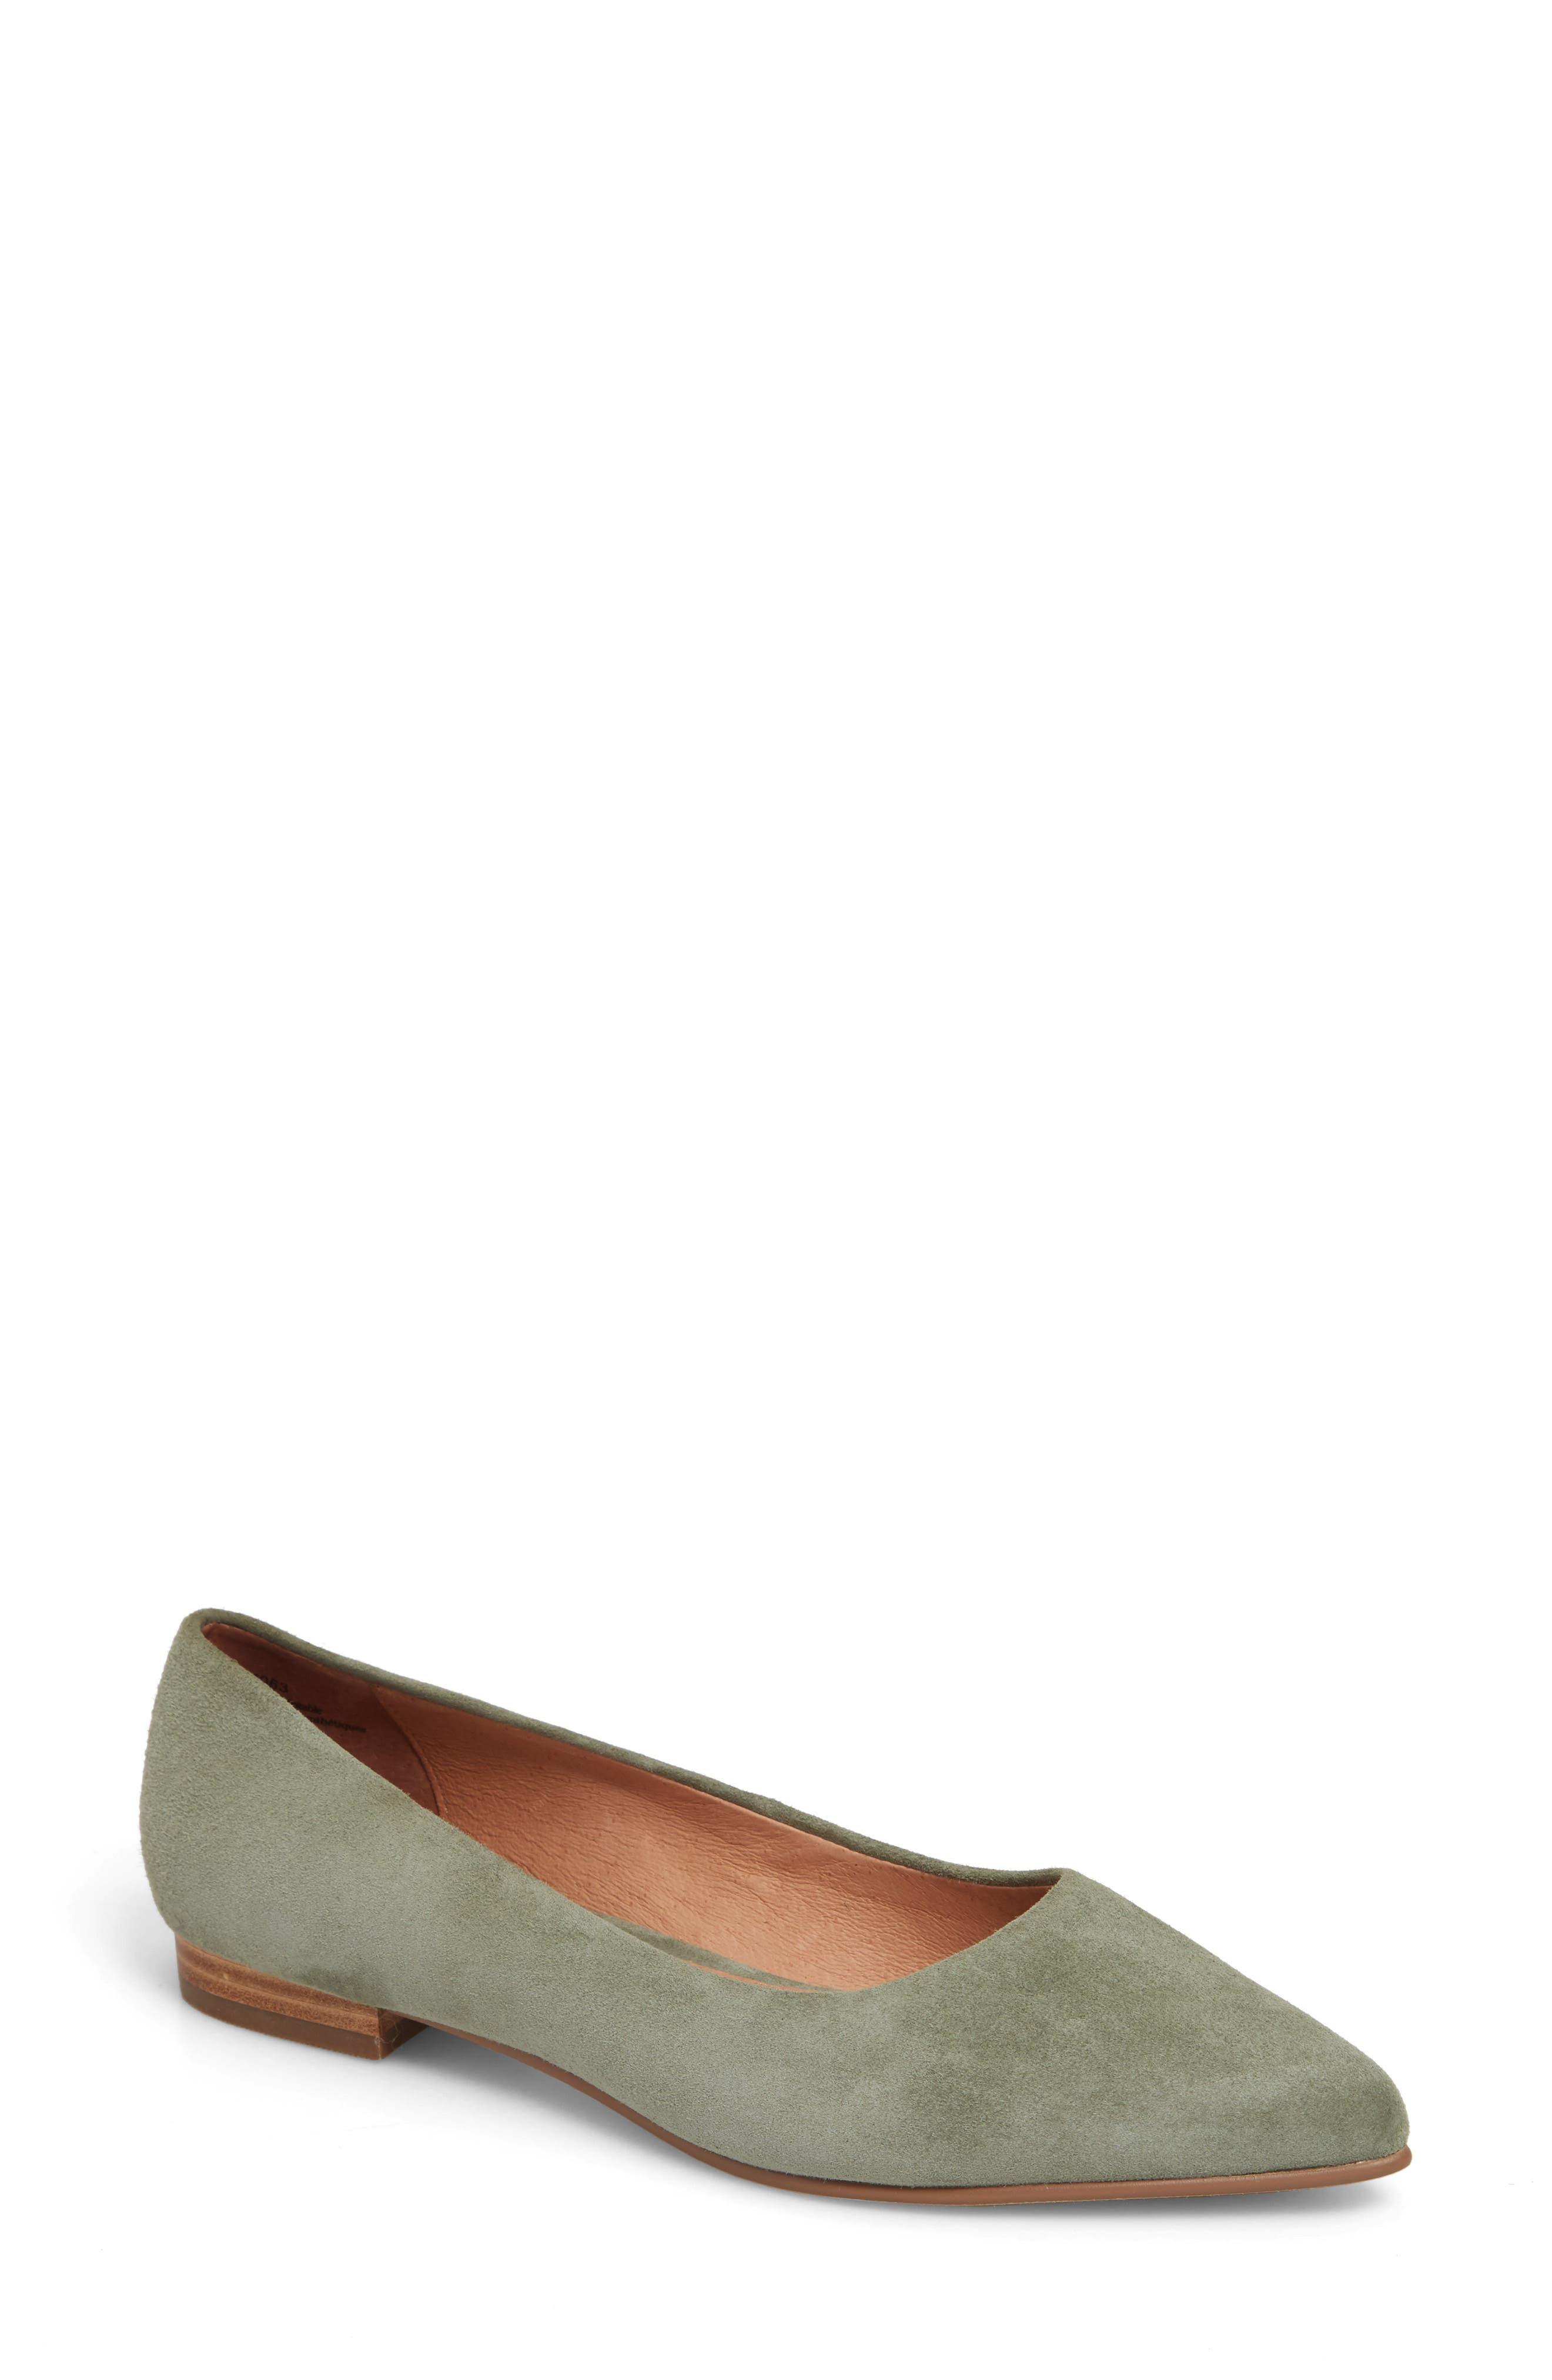 promo code 447af 64419 Women s Caslon® Shoes   Nordstrom